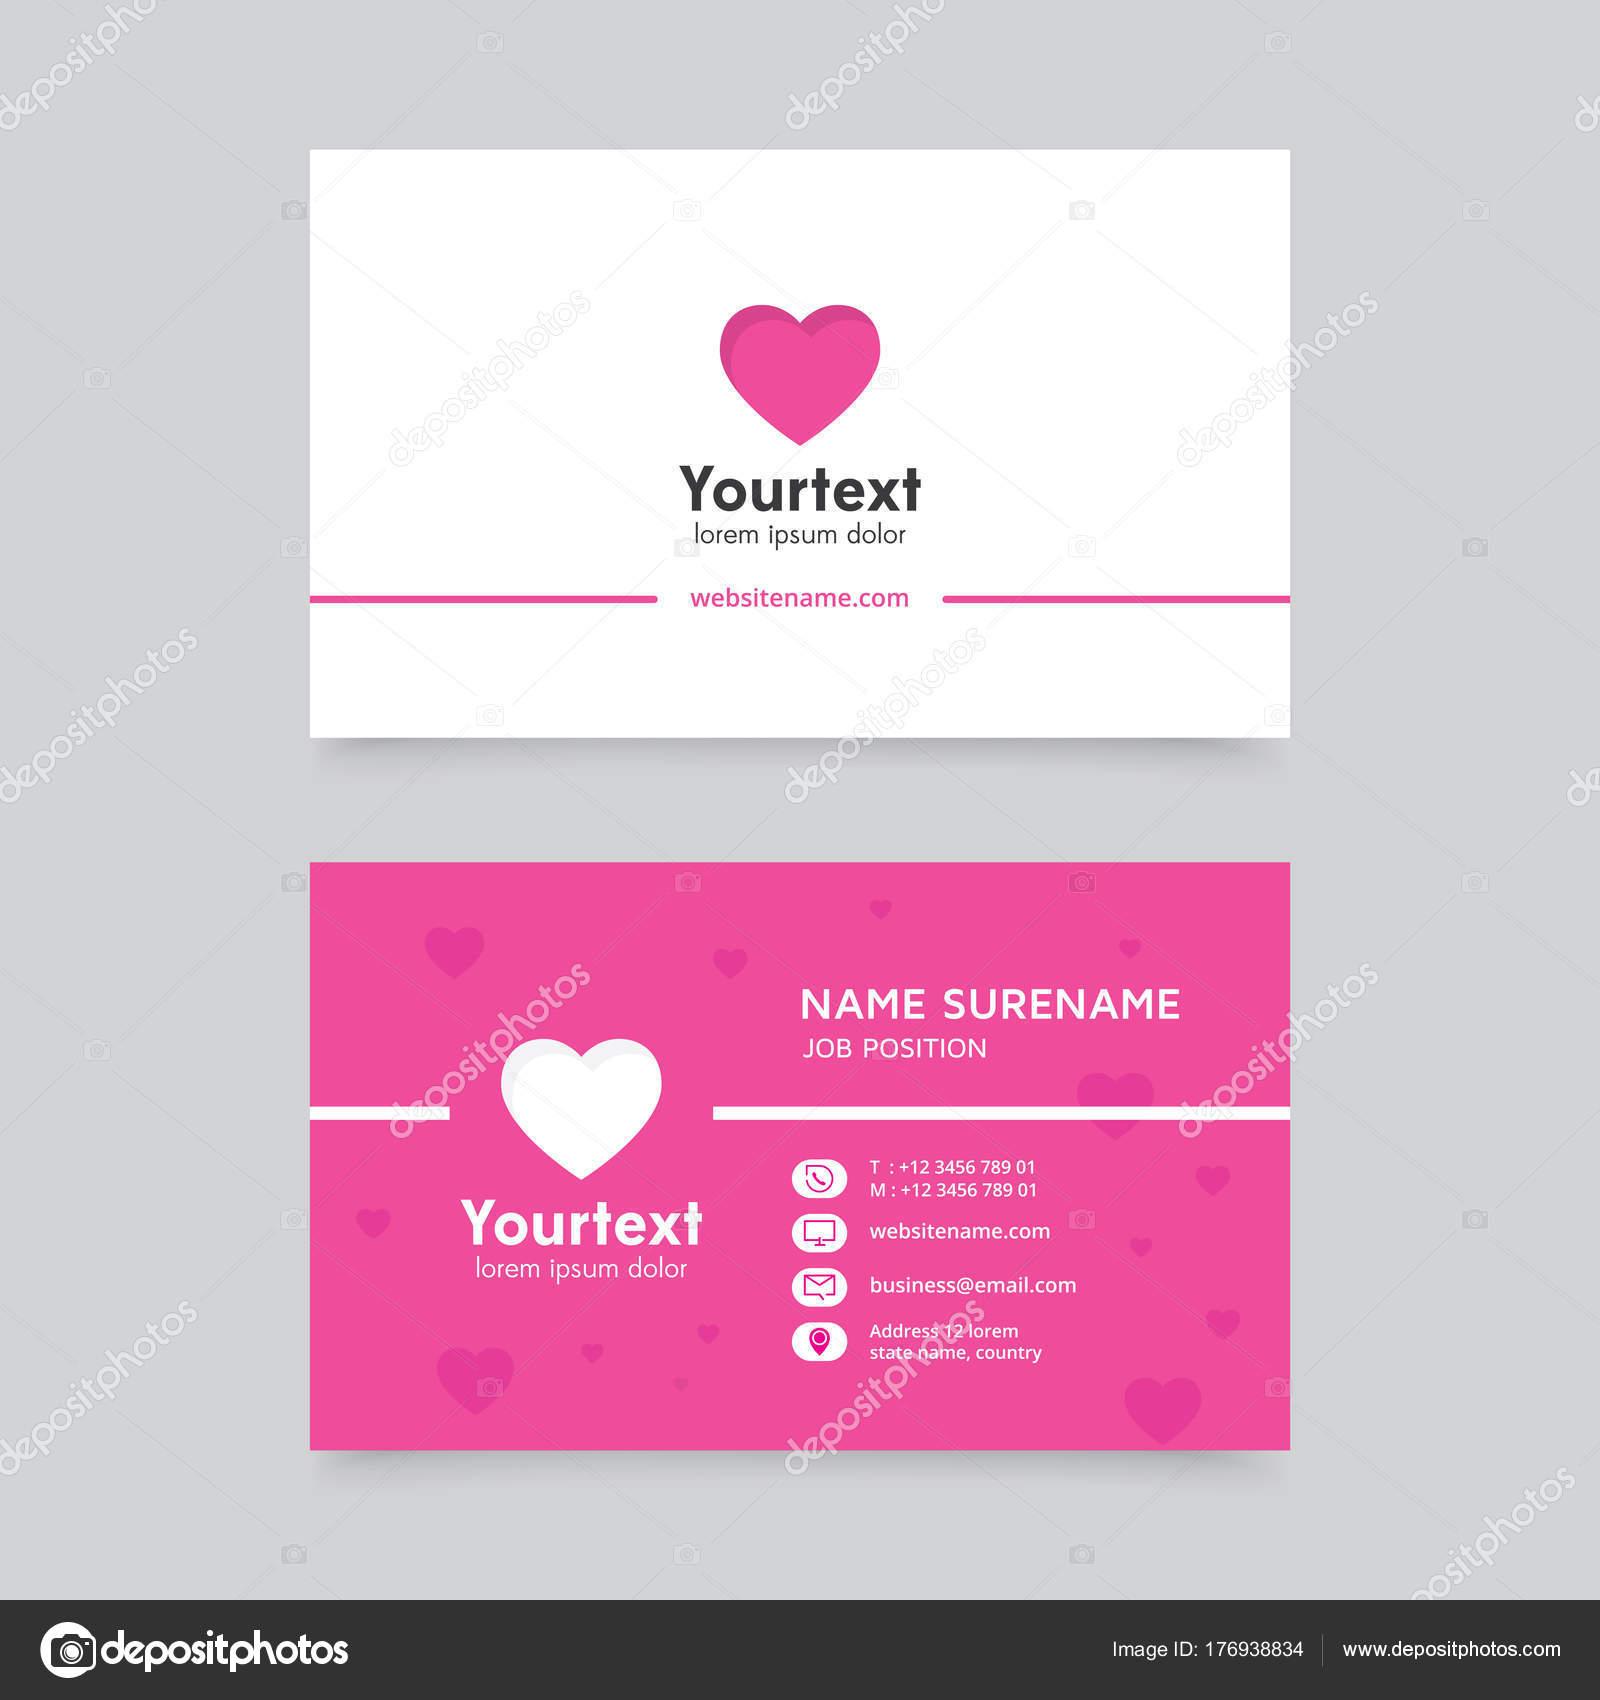 Modle De Carte Visite Avec Le Symbole Ltre Moderne Crative Et Propre Vecteur Design Plat La Couleur Rose